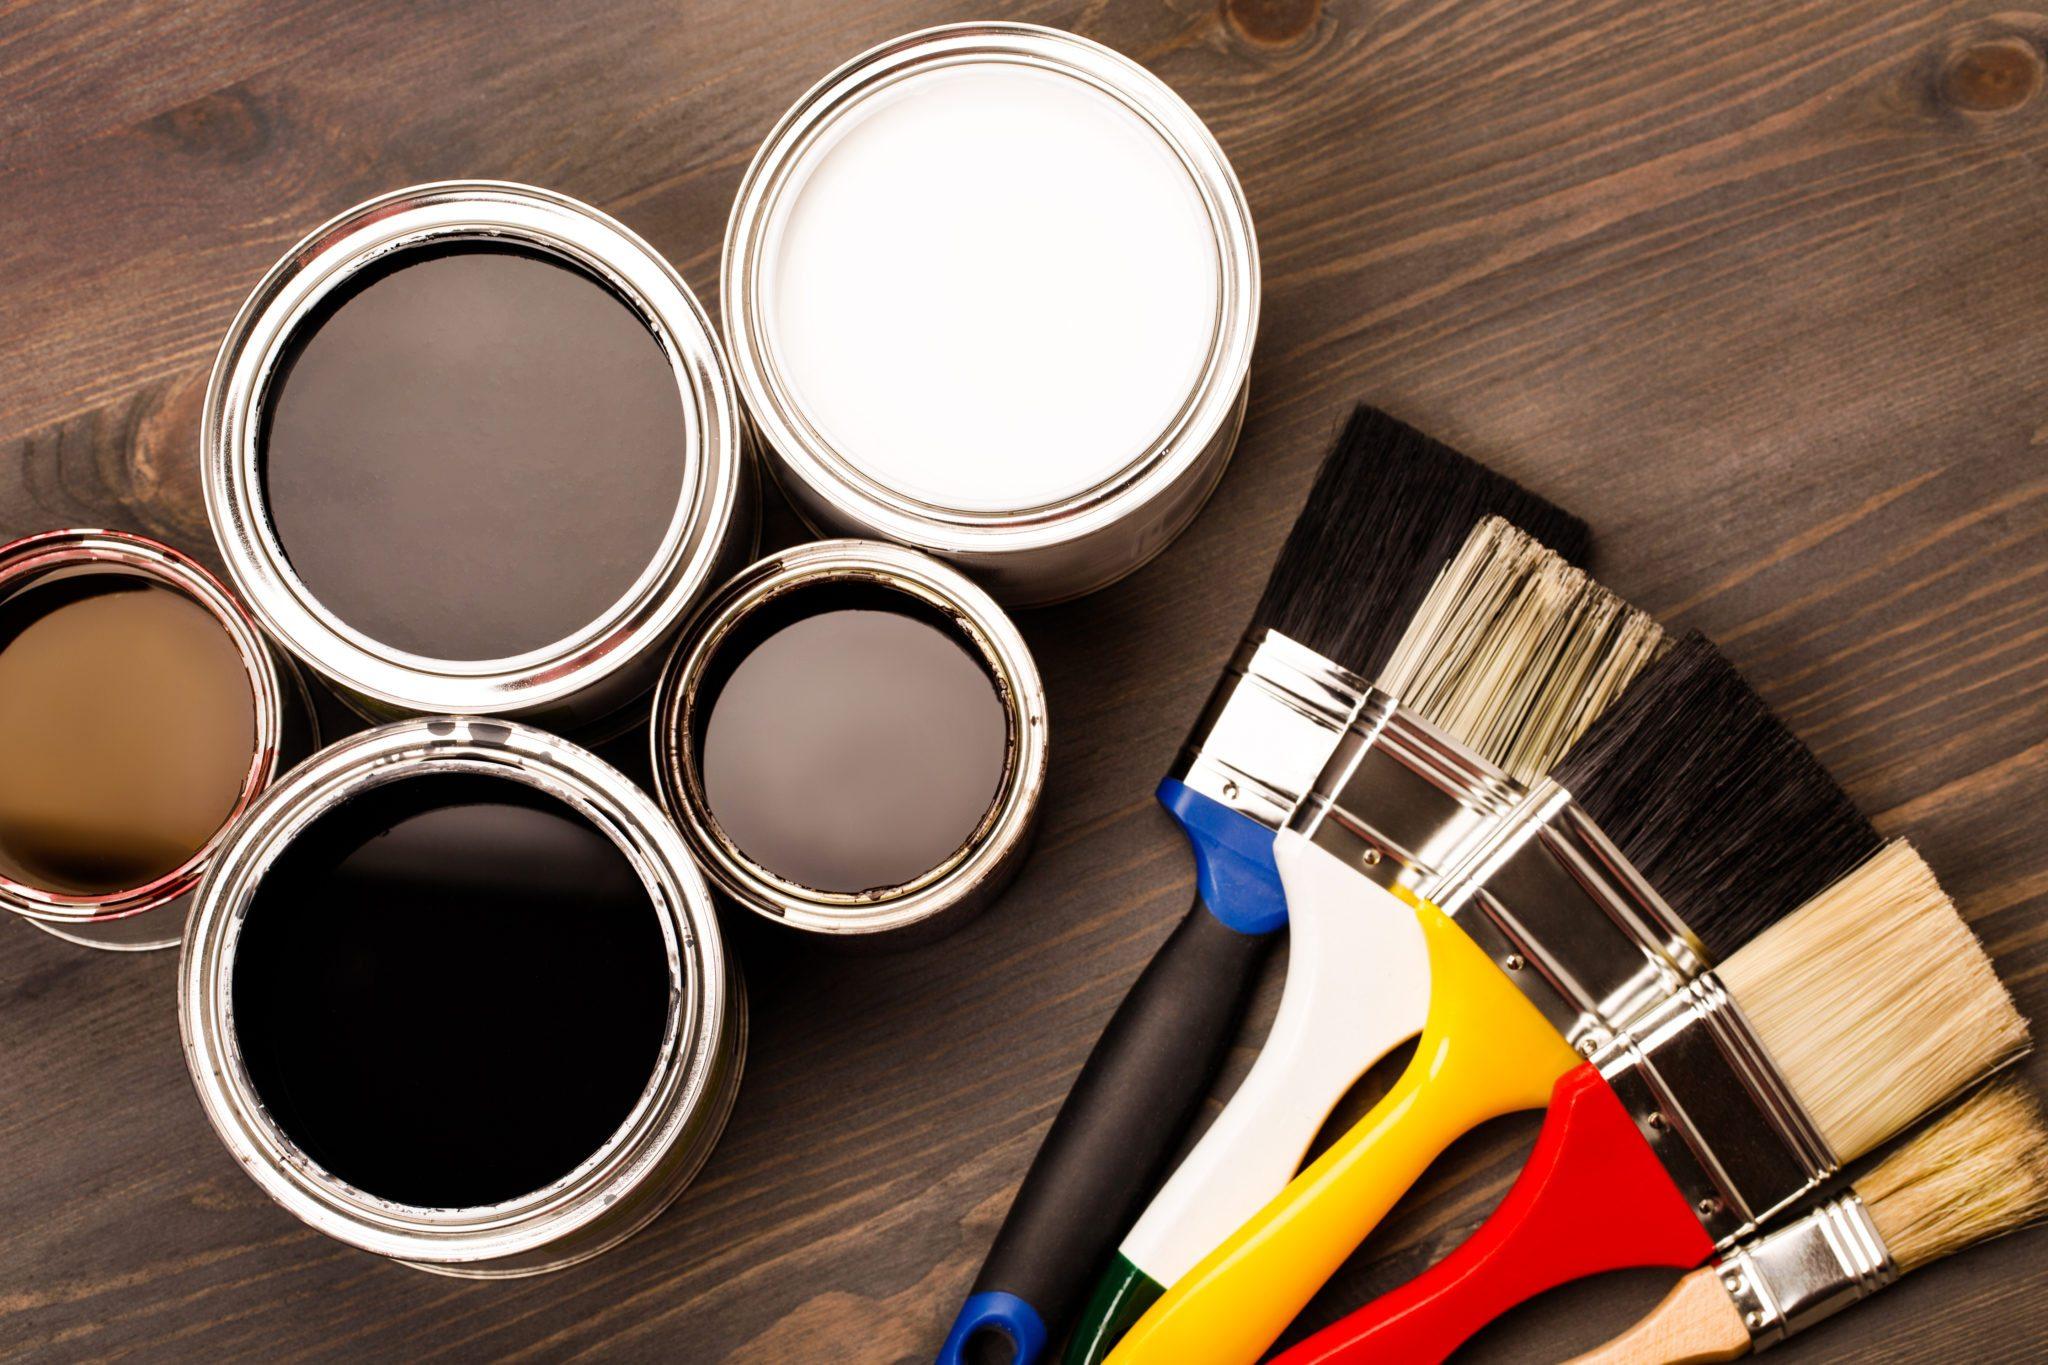 Hogyan tároljam megmaradt beltéri falfestékeimet, és festőeszközeimet? - Munka utáni teendők az eszközök védelmében.